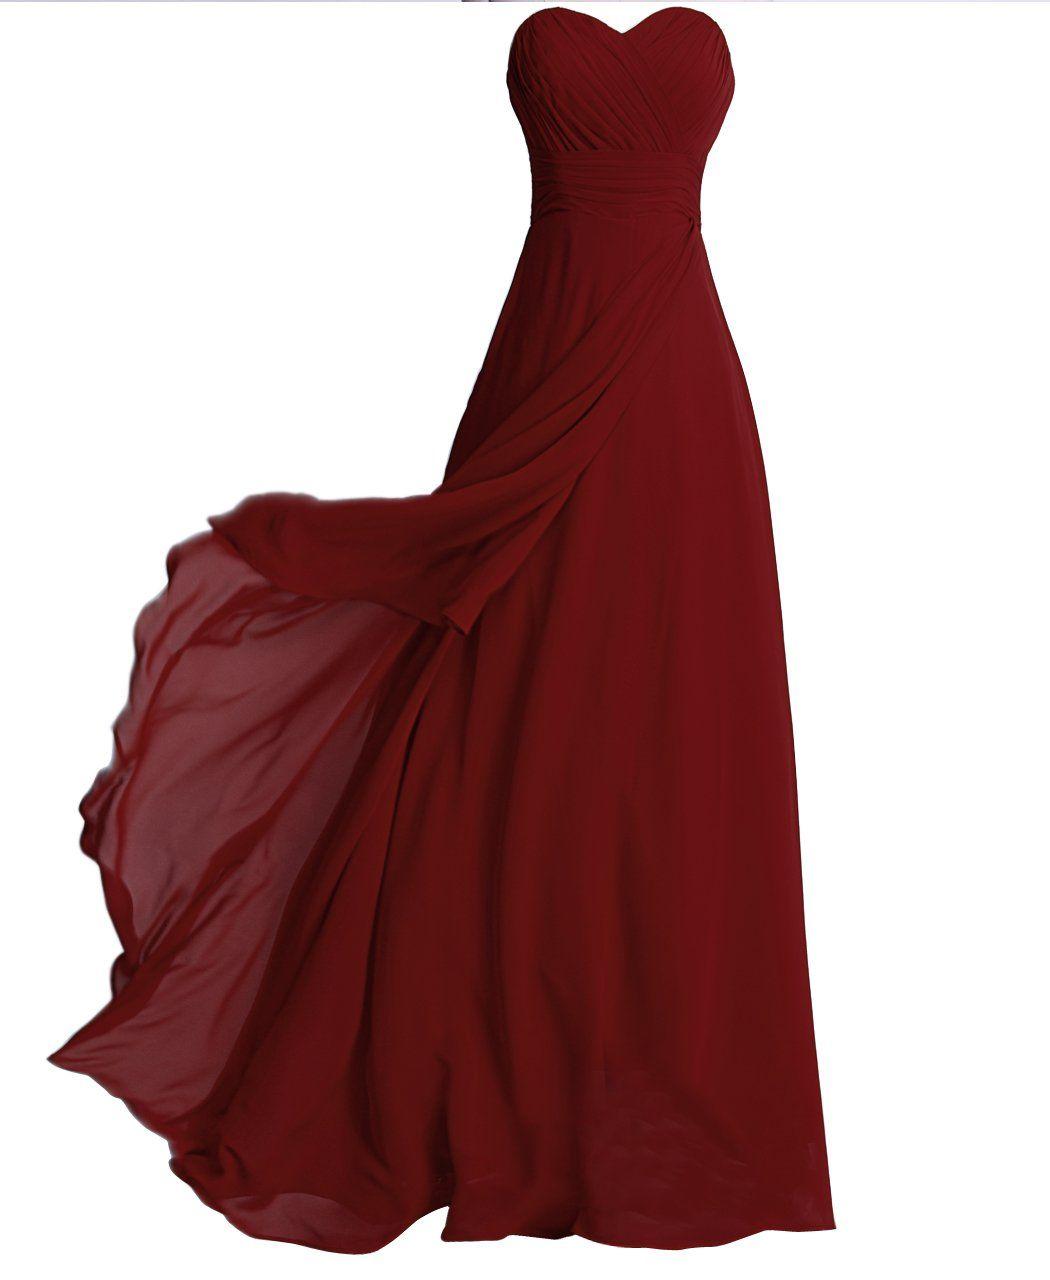 Fashion Plaza Chiffon Ohne Trager Langer Abendkleid Modul D072 Eu36 Dunkel Rot Abendkleid Kleider Ballkleid Lang